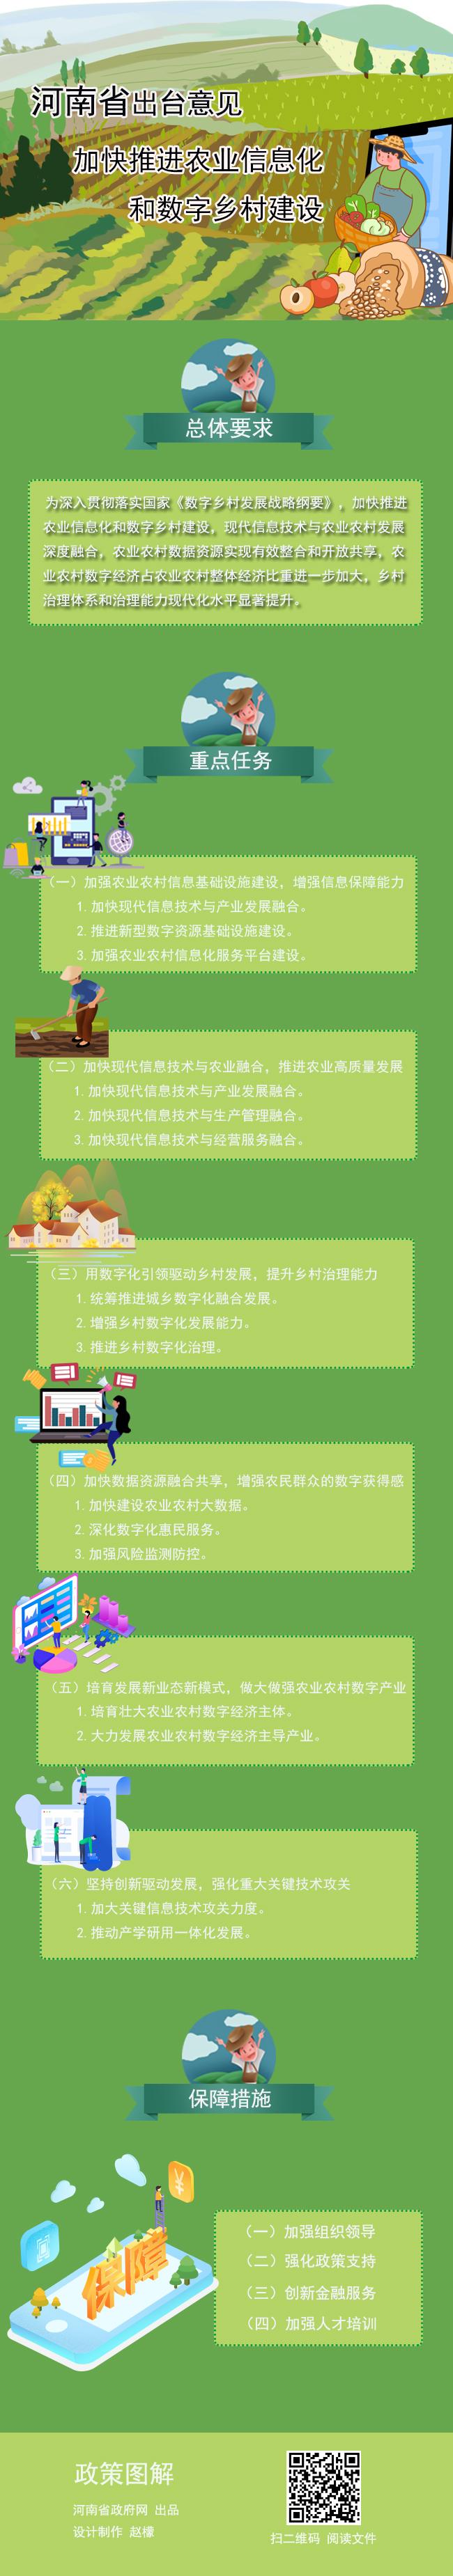 图解:河南出台意见 加快推进农业信息化和数字乡村建设